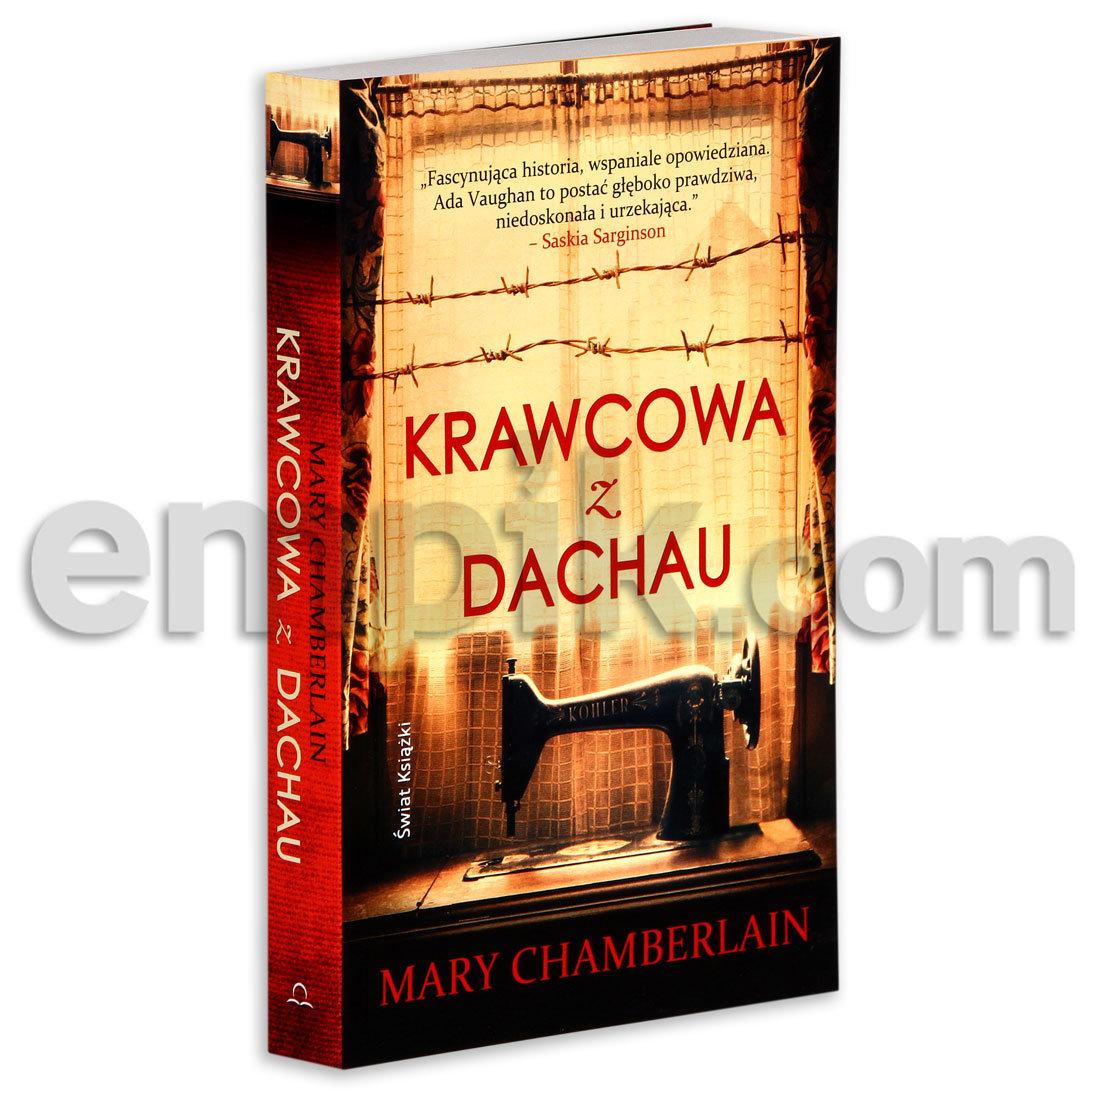 Krawcowa z Dachau - Chamberlain Mary | Książka w Sklepie ...